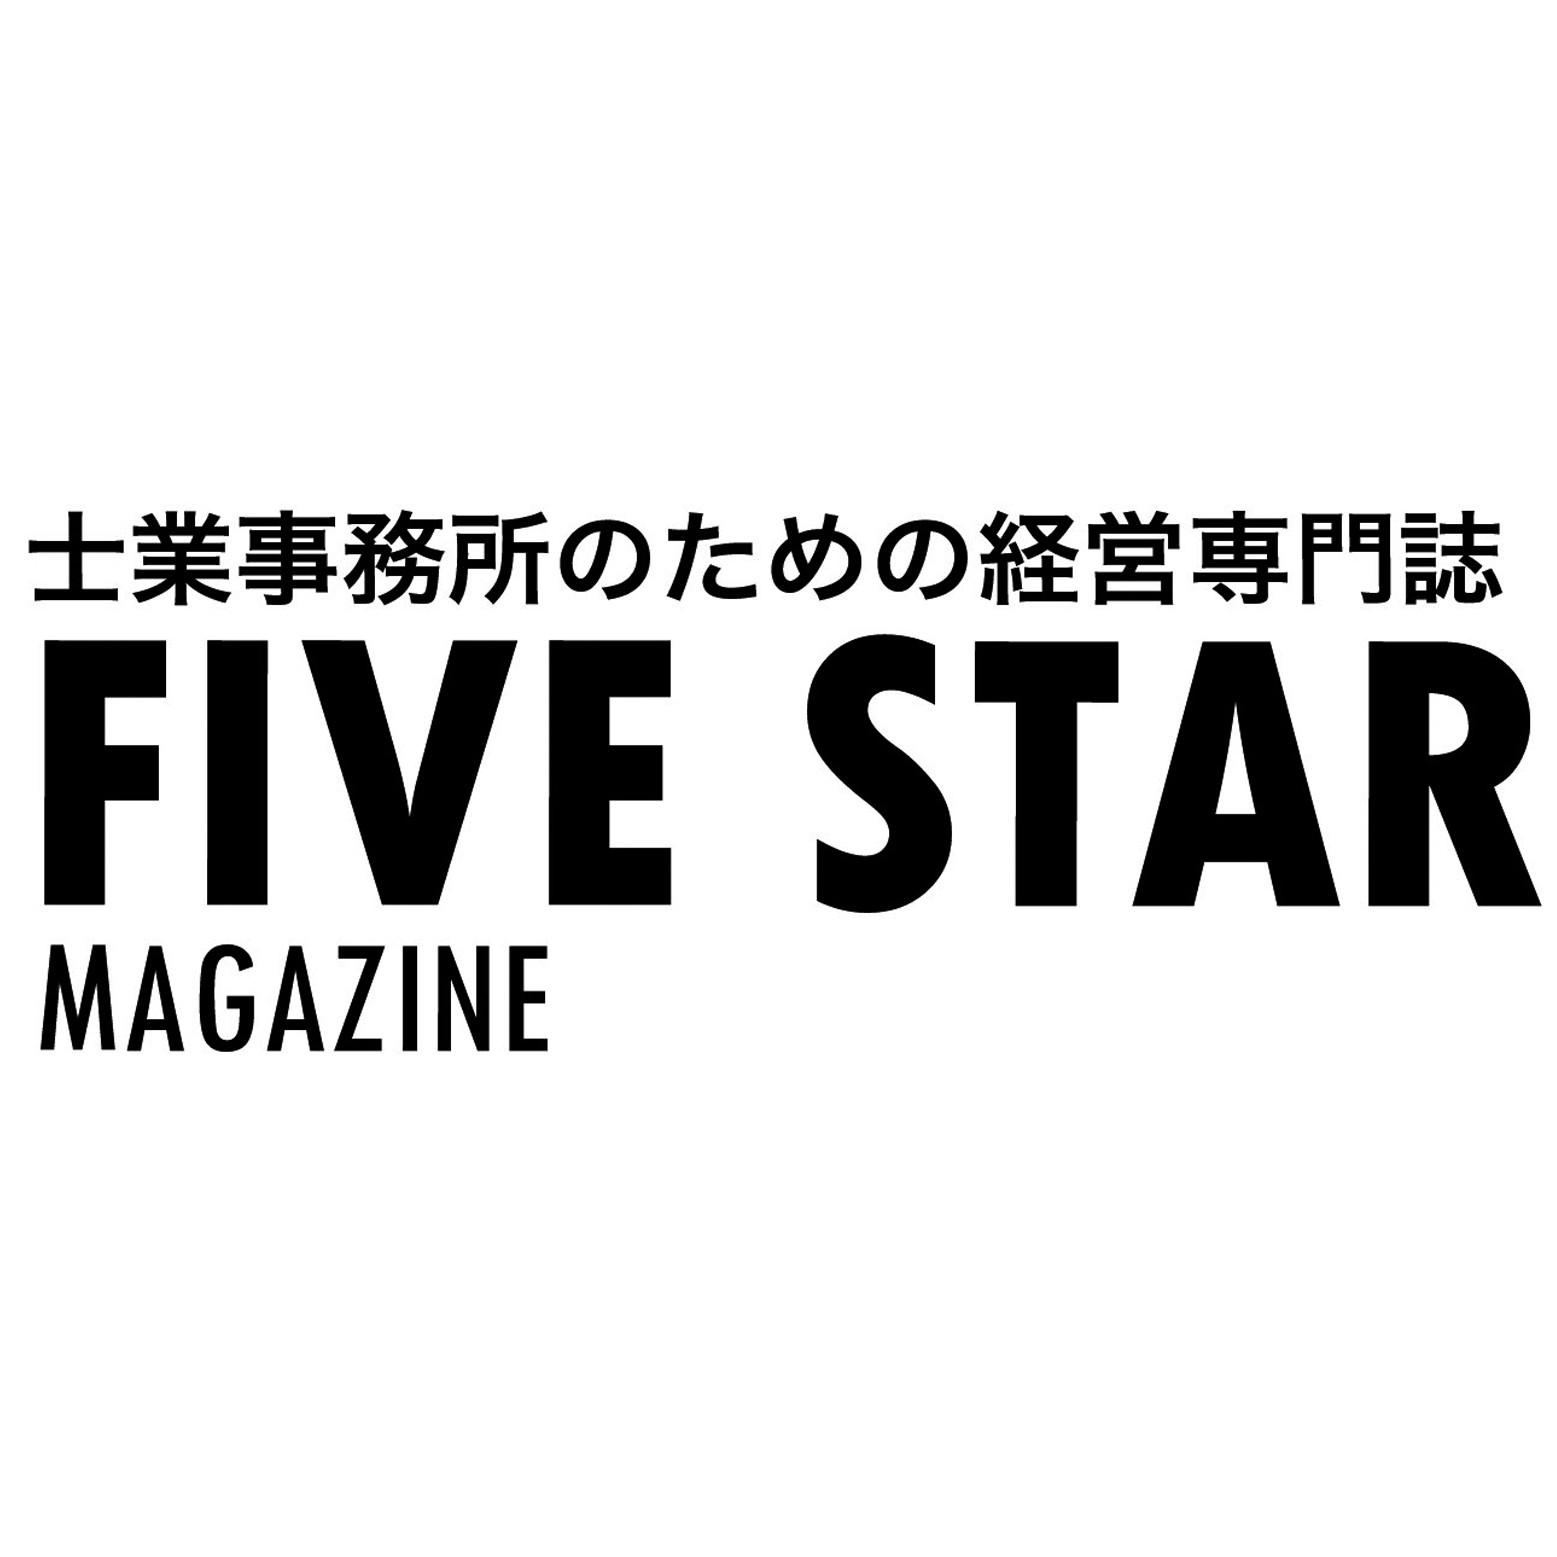 士業事務所のための経営専門誌「FIVE STAR MAGAZINE」